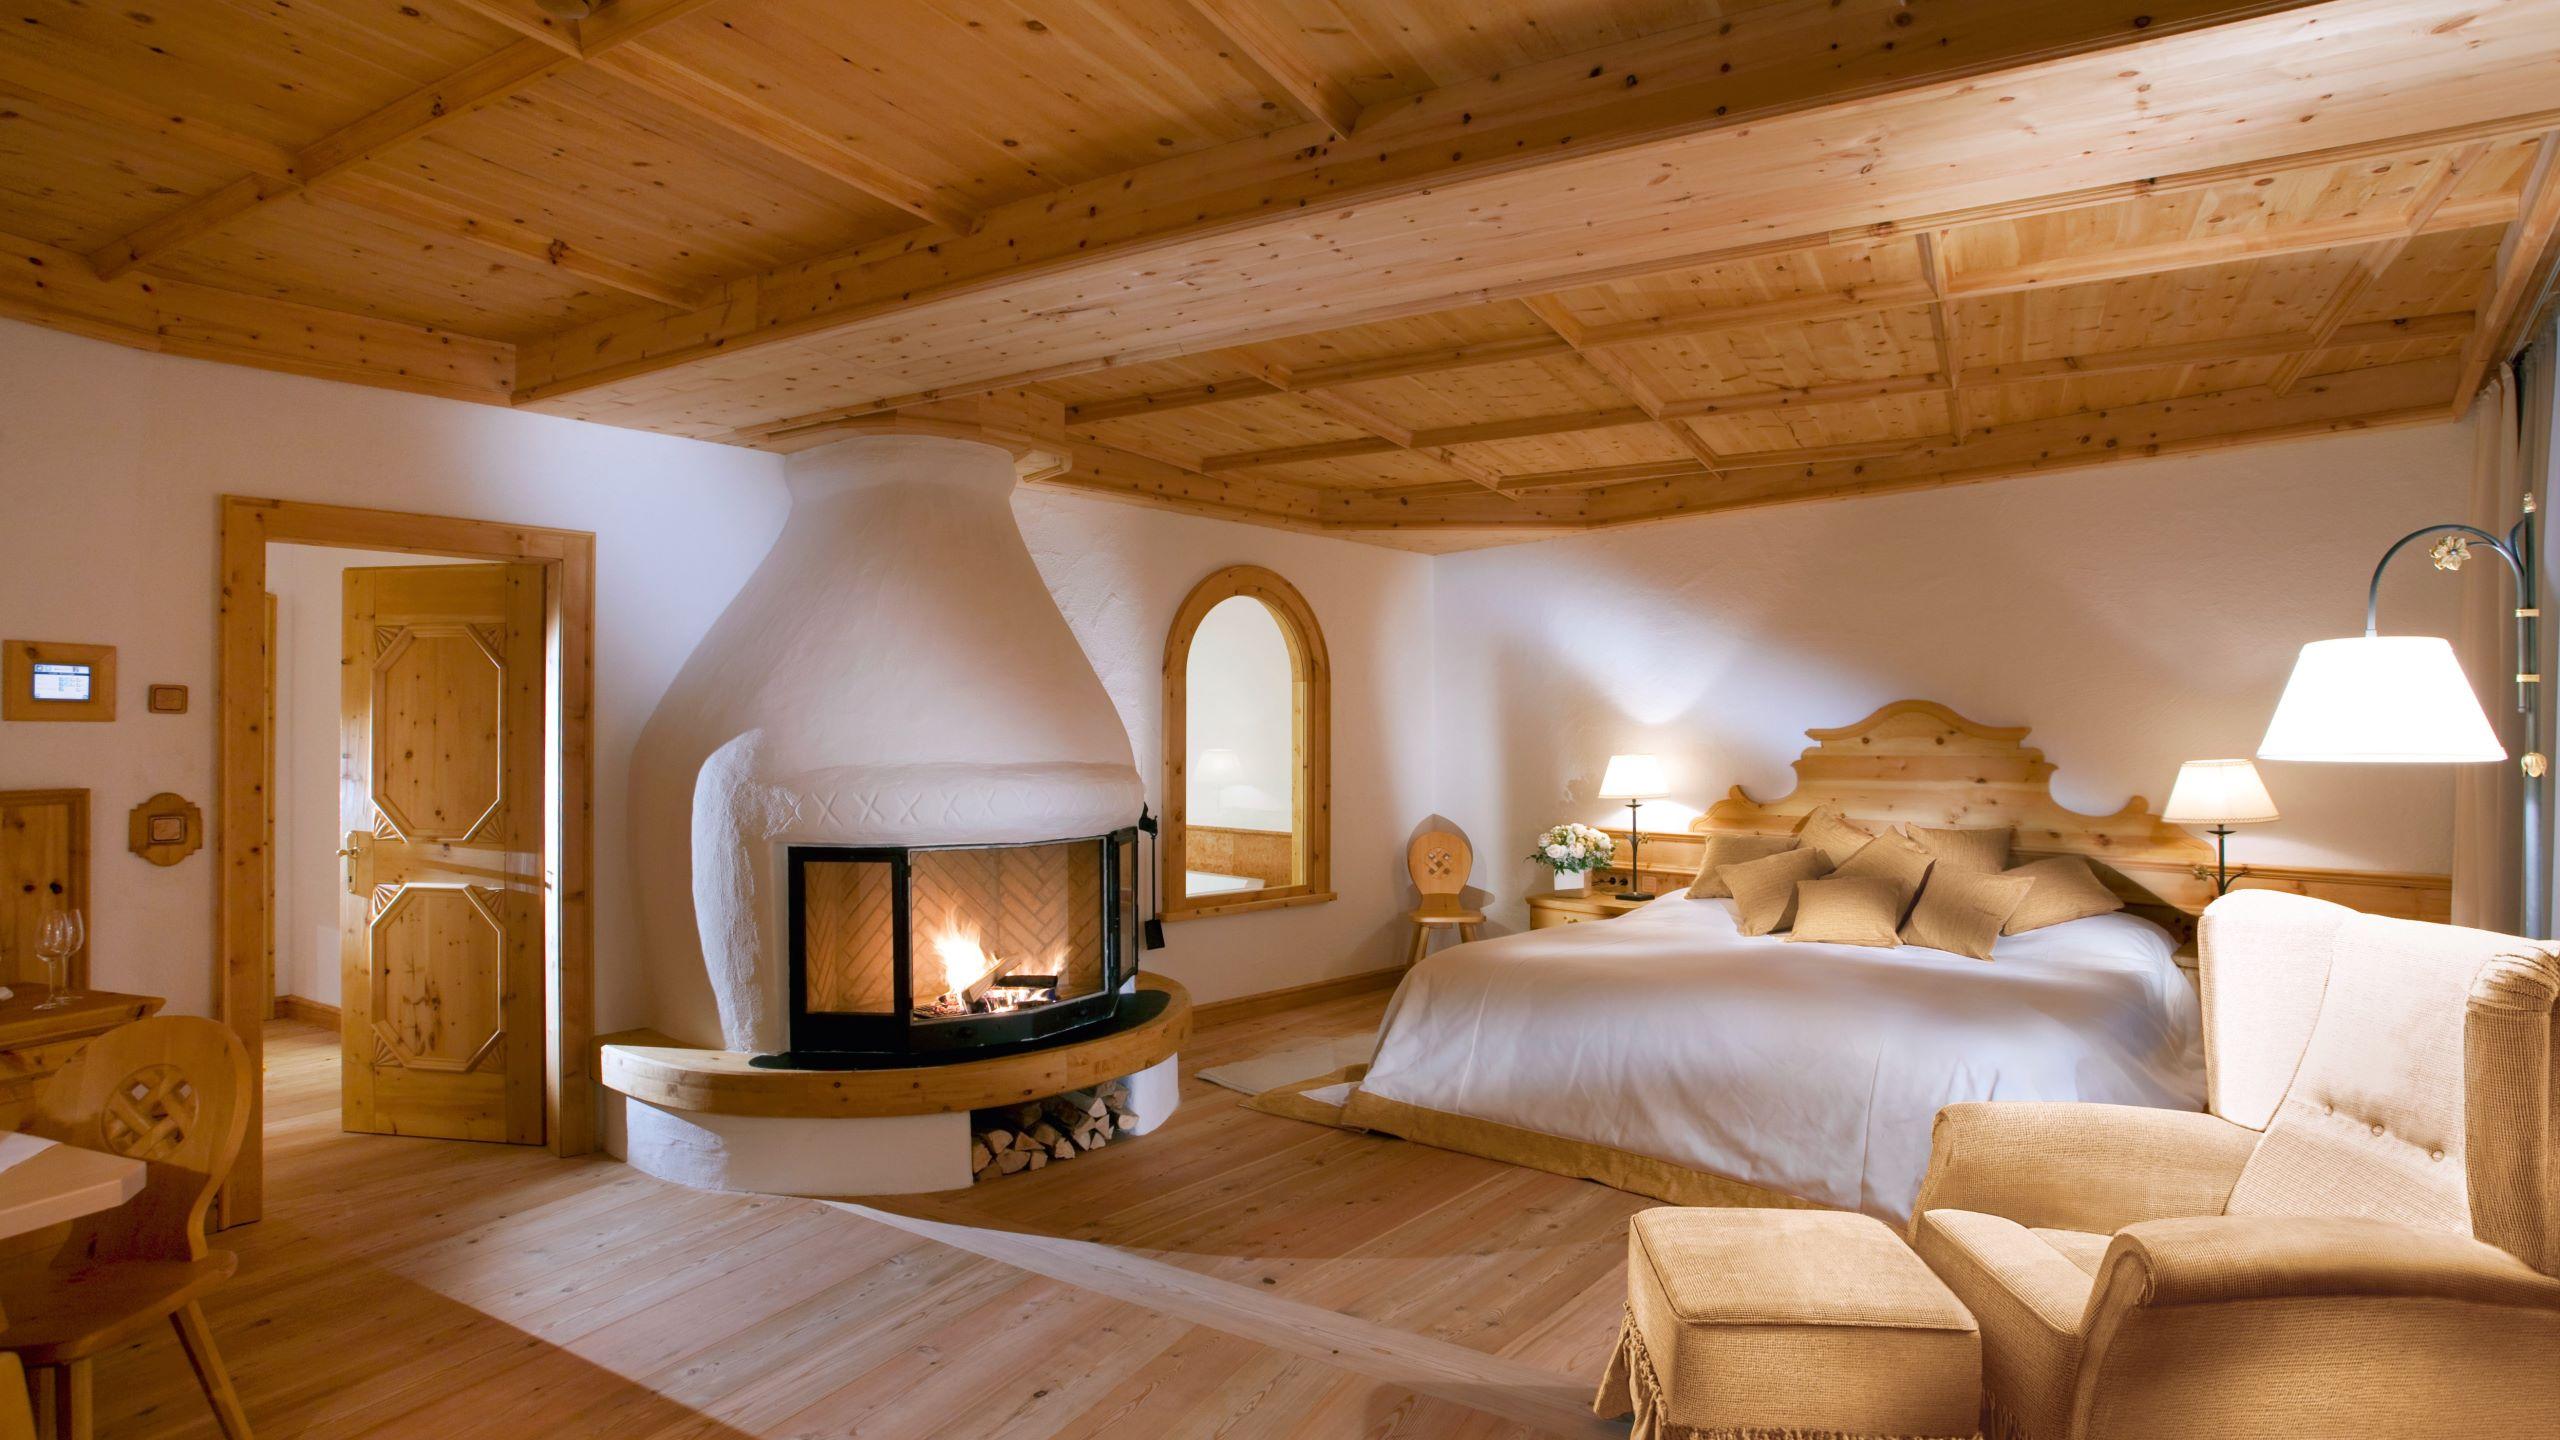 Luxus suite an der schafweide for Hotelzimmer teilen